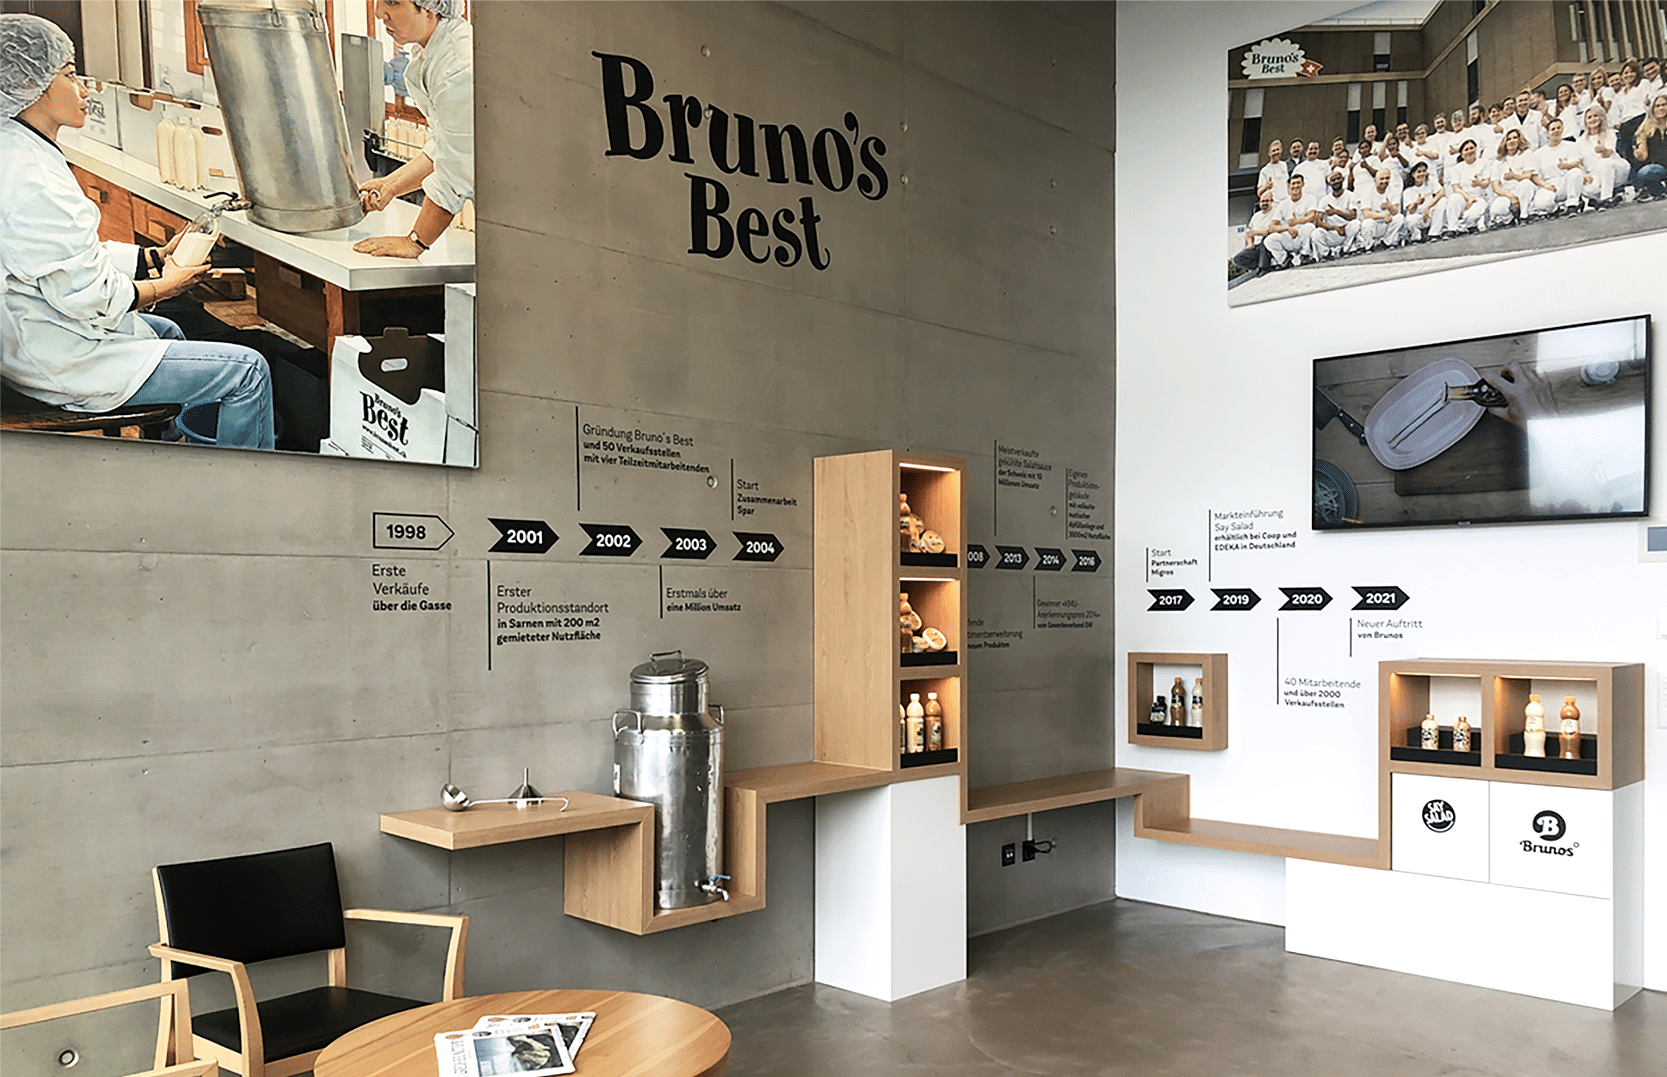 Brunos-Best-Eingang